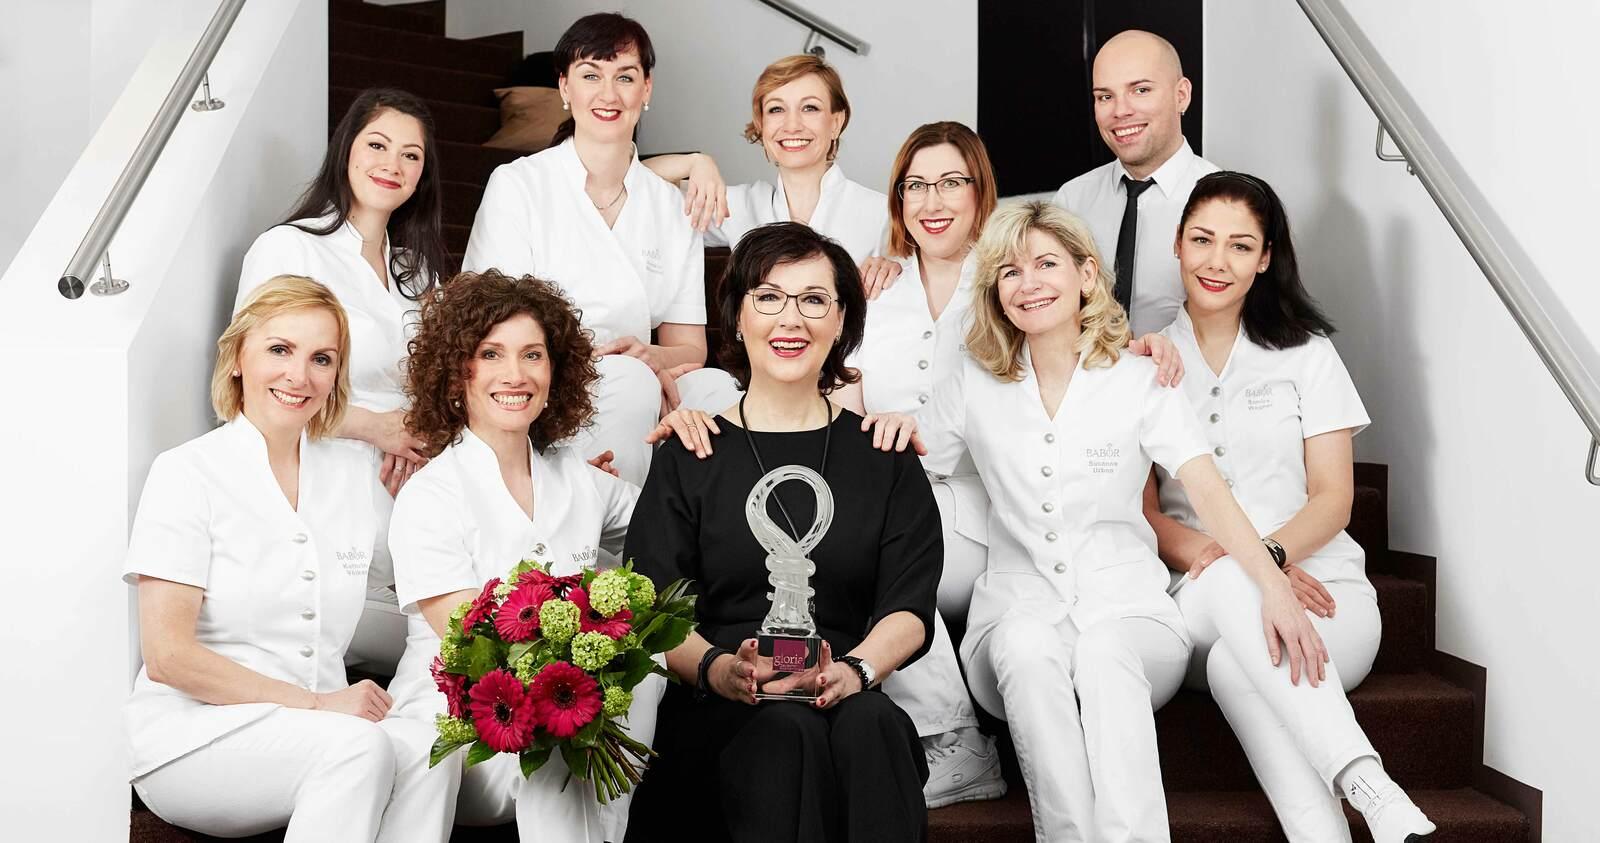 Gruppenbild von Kosmetikerinnen mit einem Pokal in der Hand